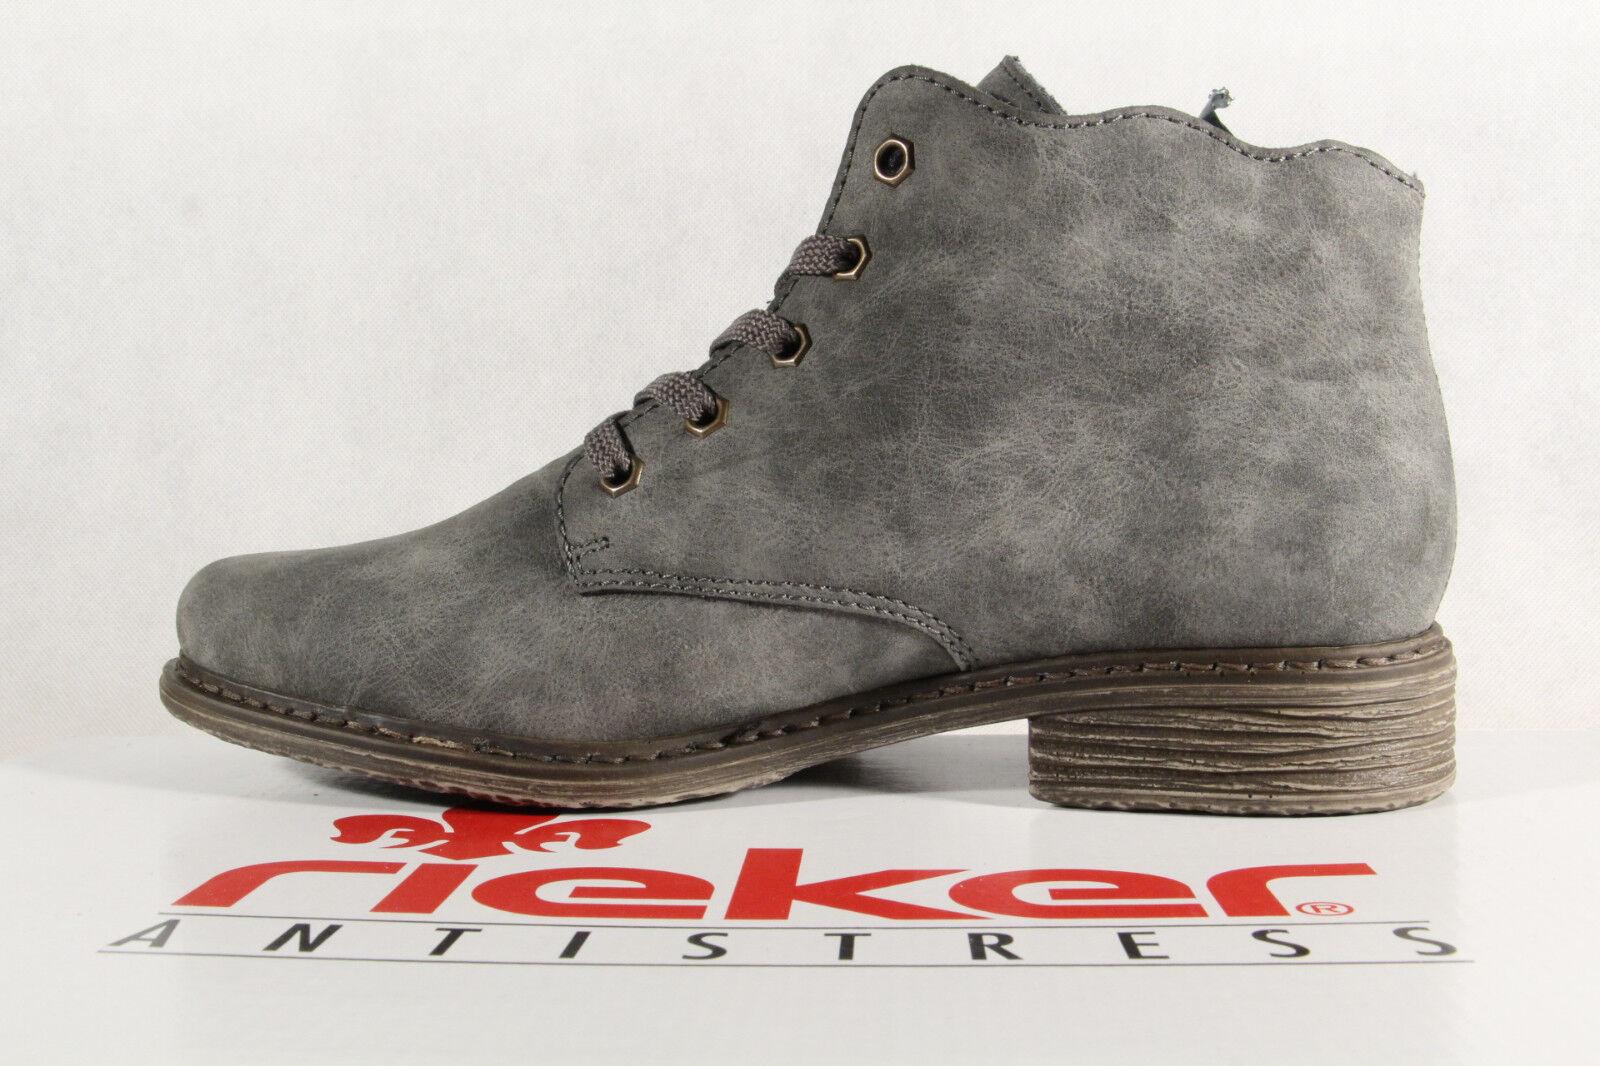 Rieker Damen Stiefel L2133 Stiefeletten Schnürstiefel grau/ multi L2133 Stiefel NEU 6f5bc6